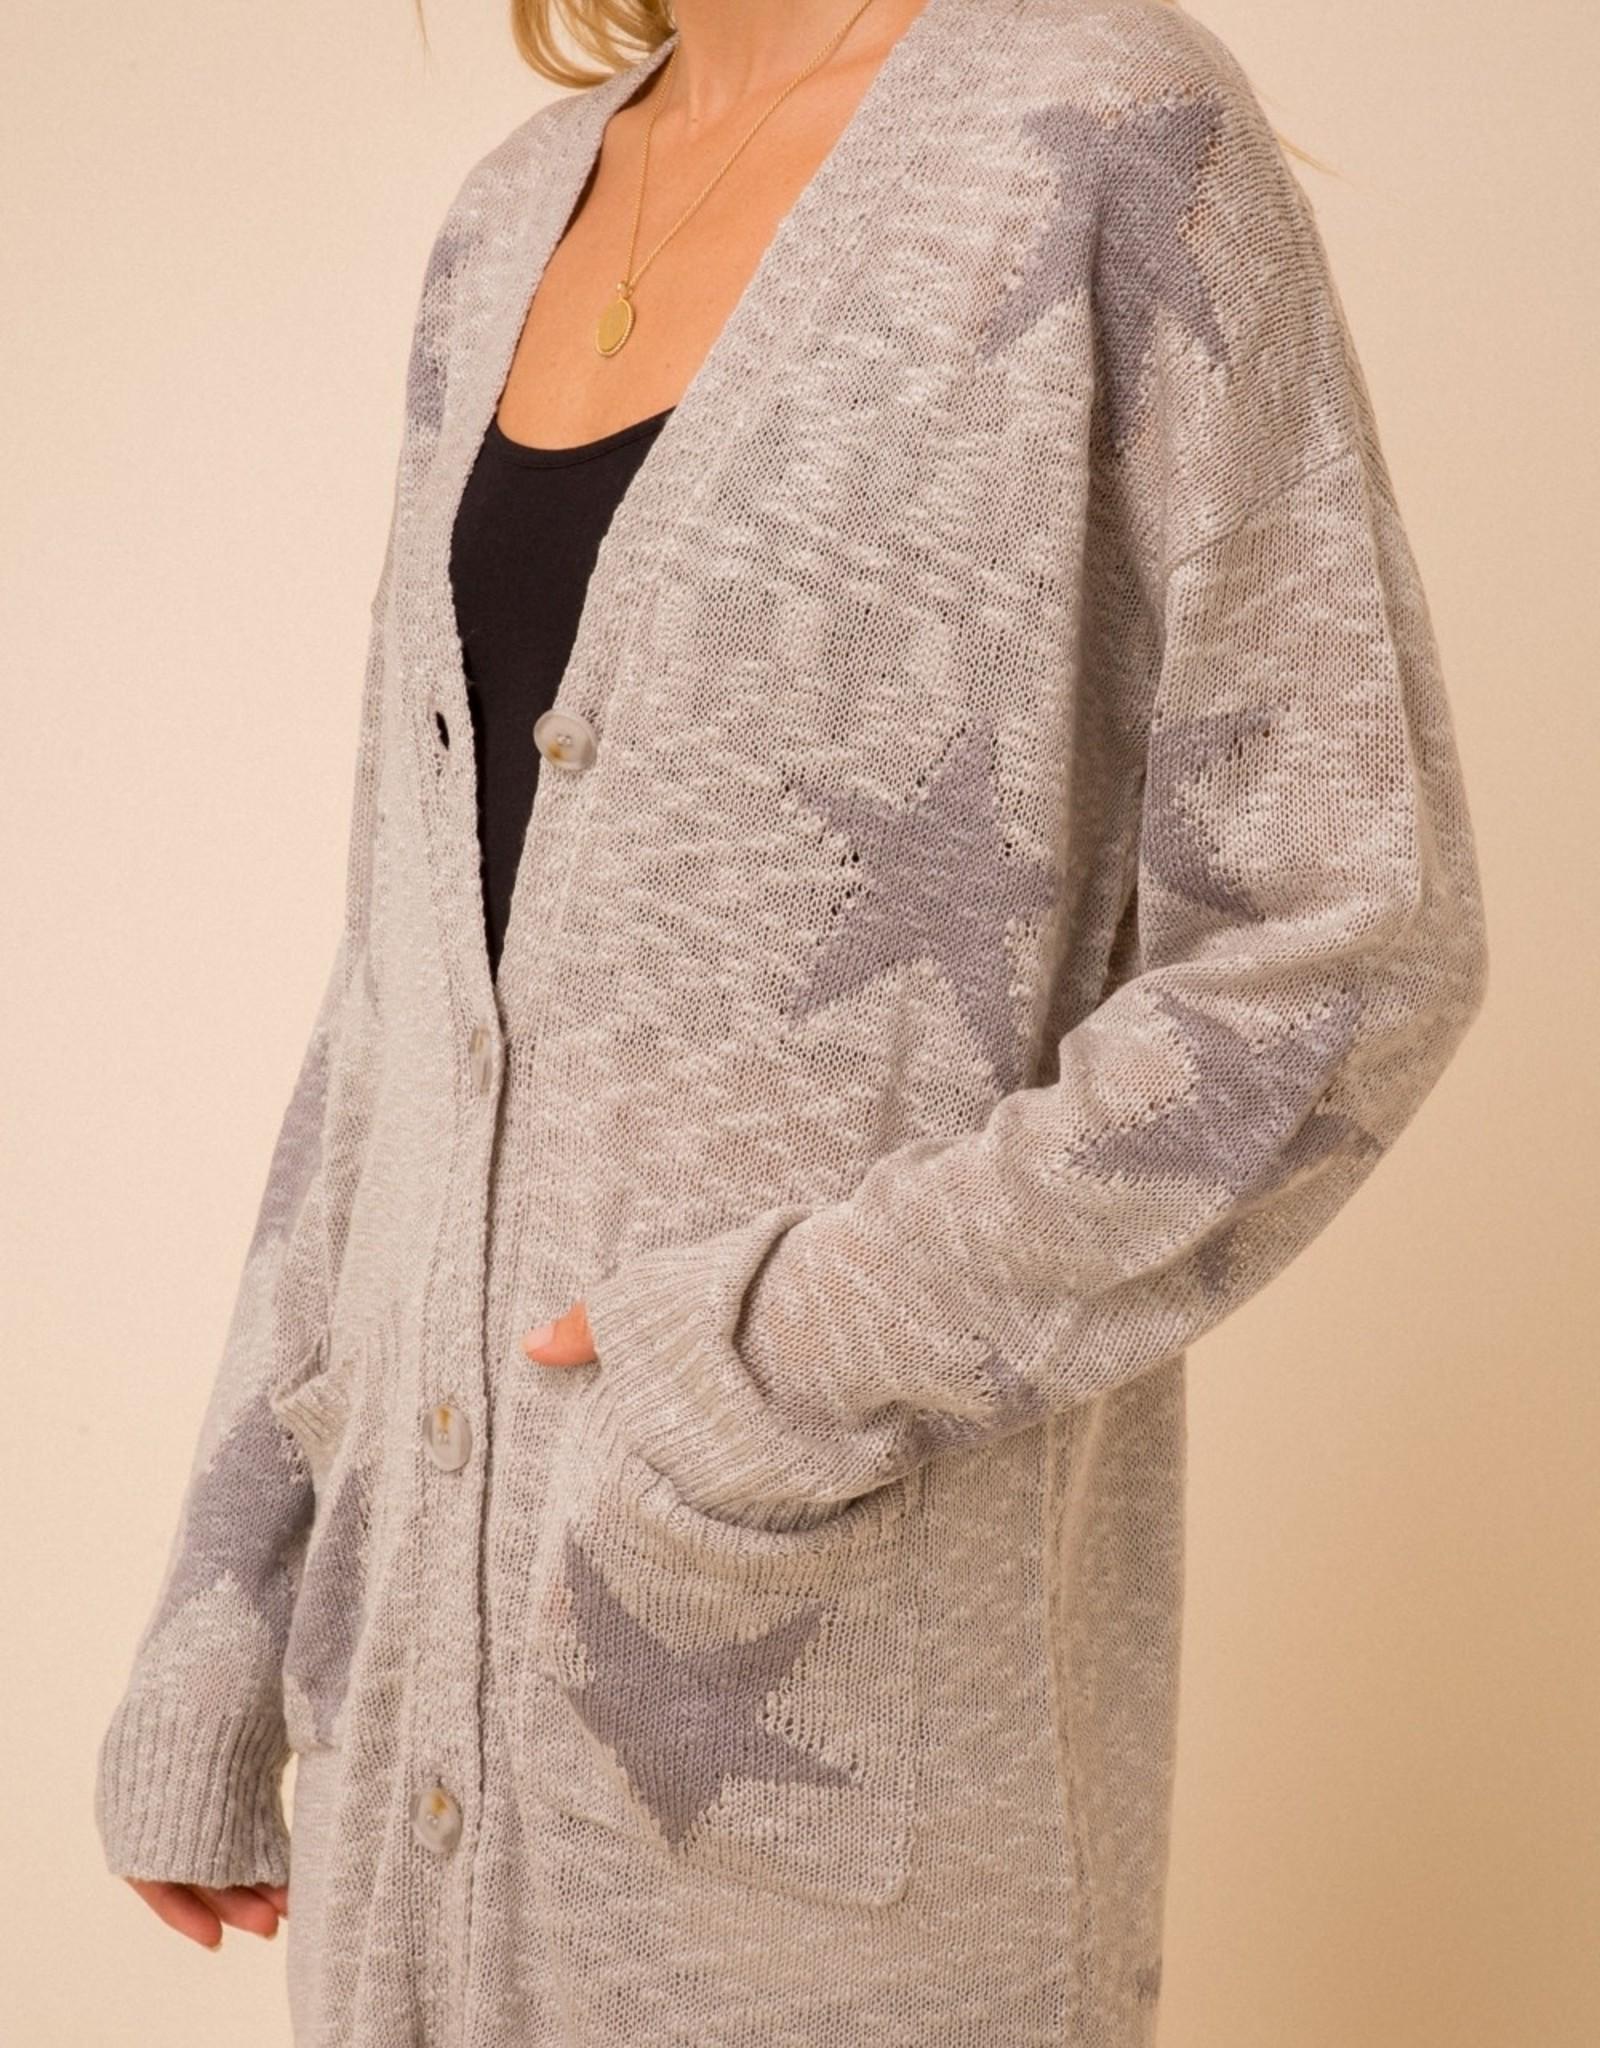 - Grey Star Duster Length Cardigan w pockets